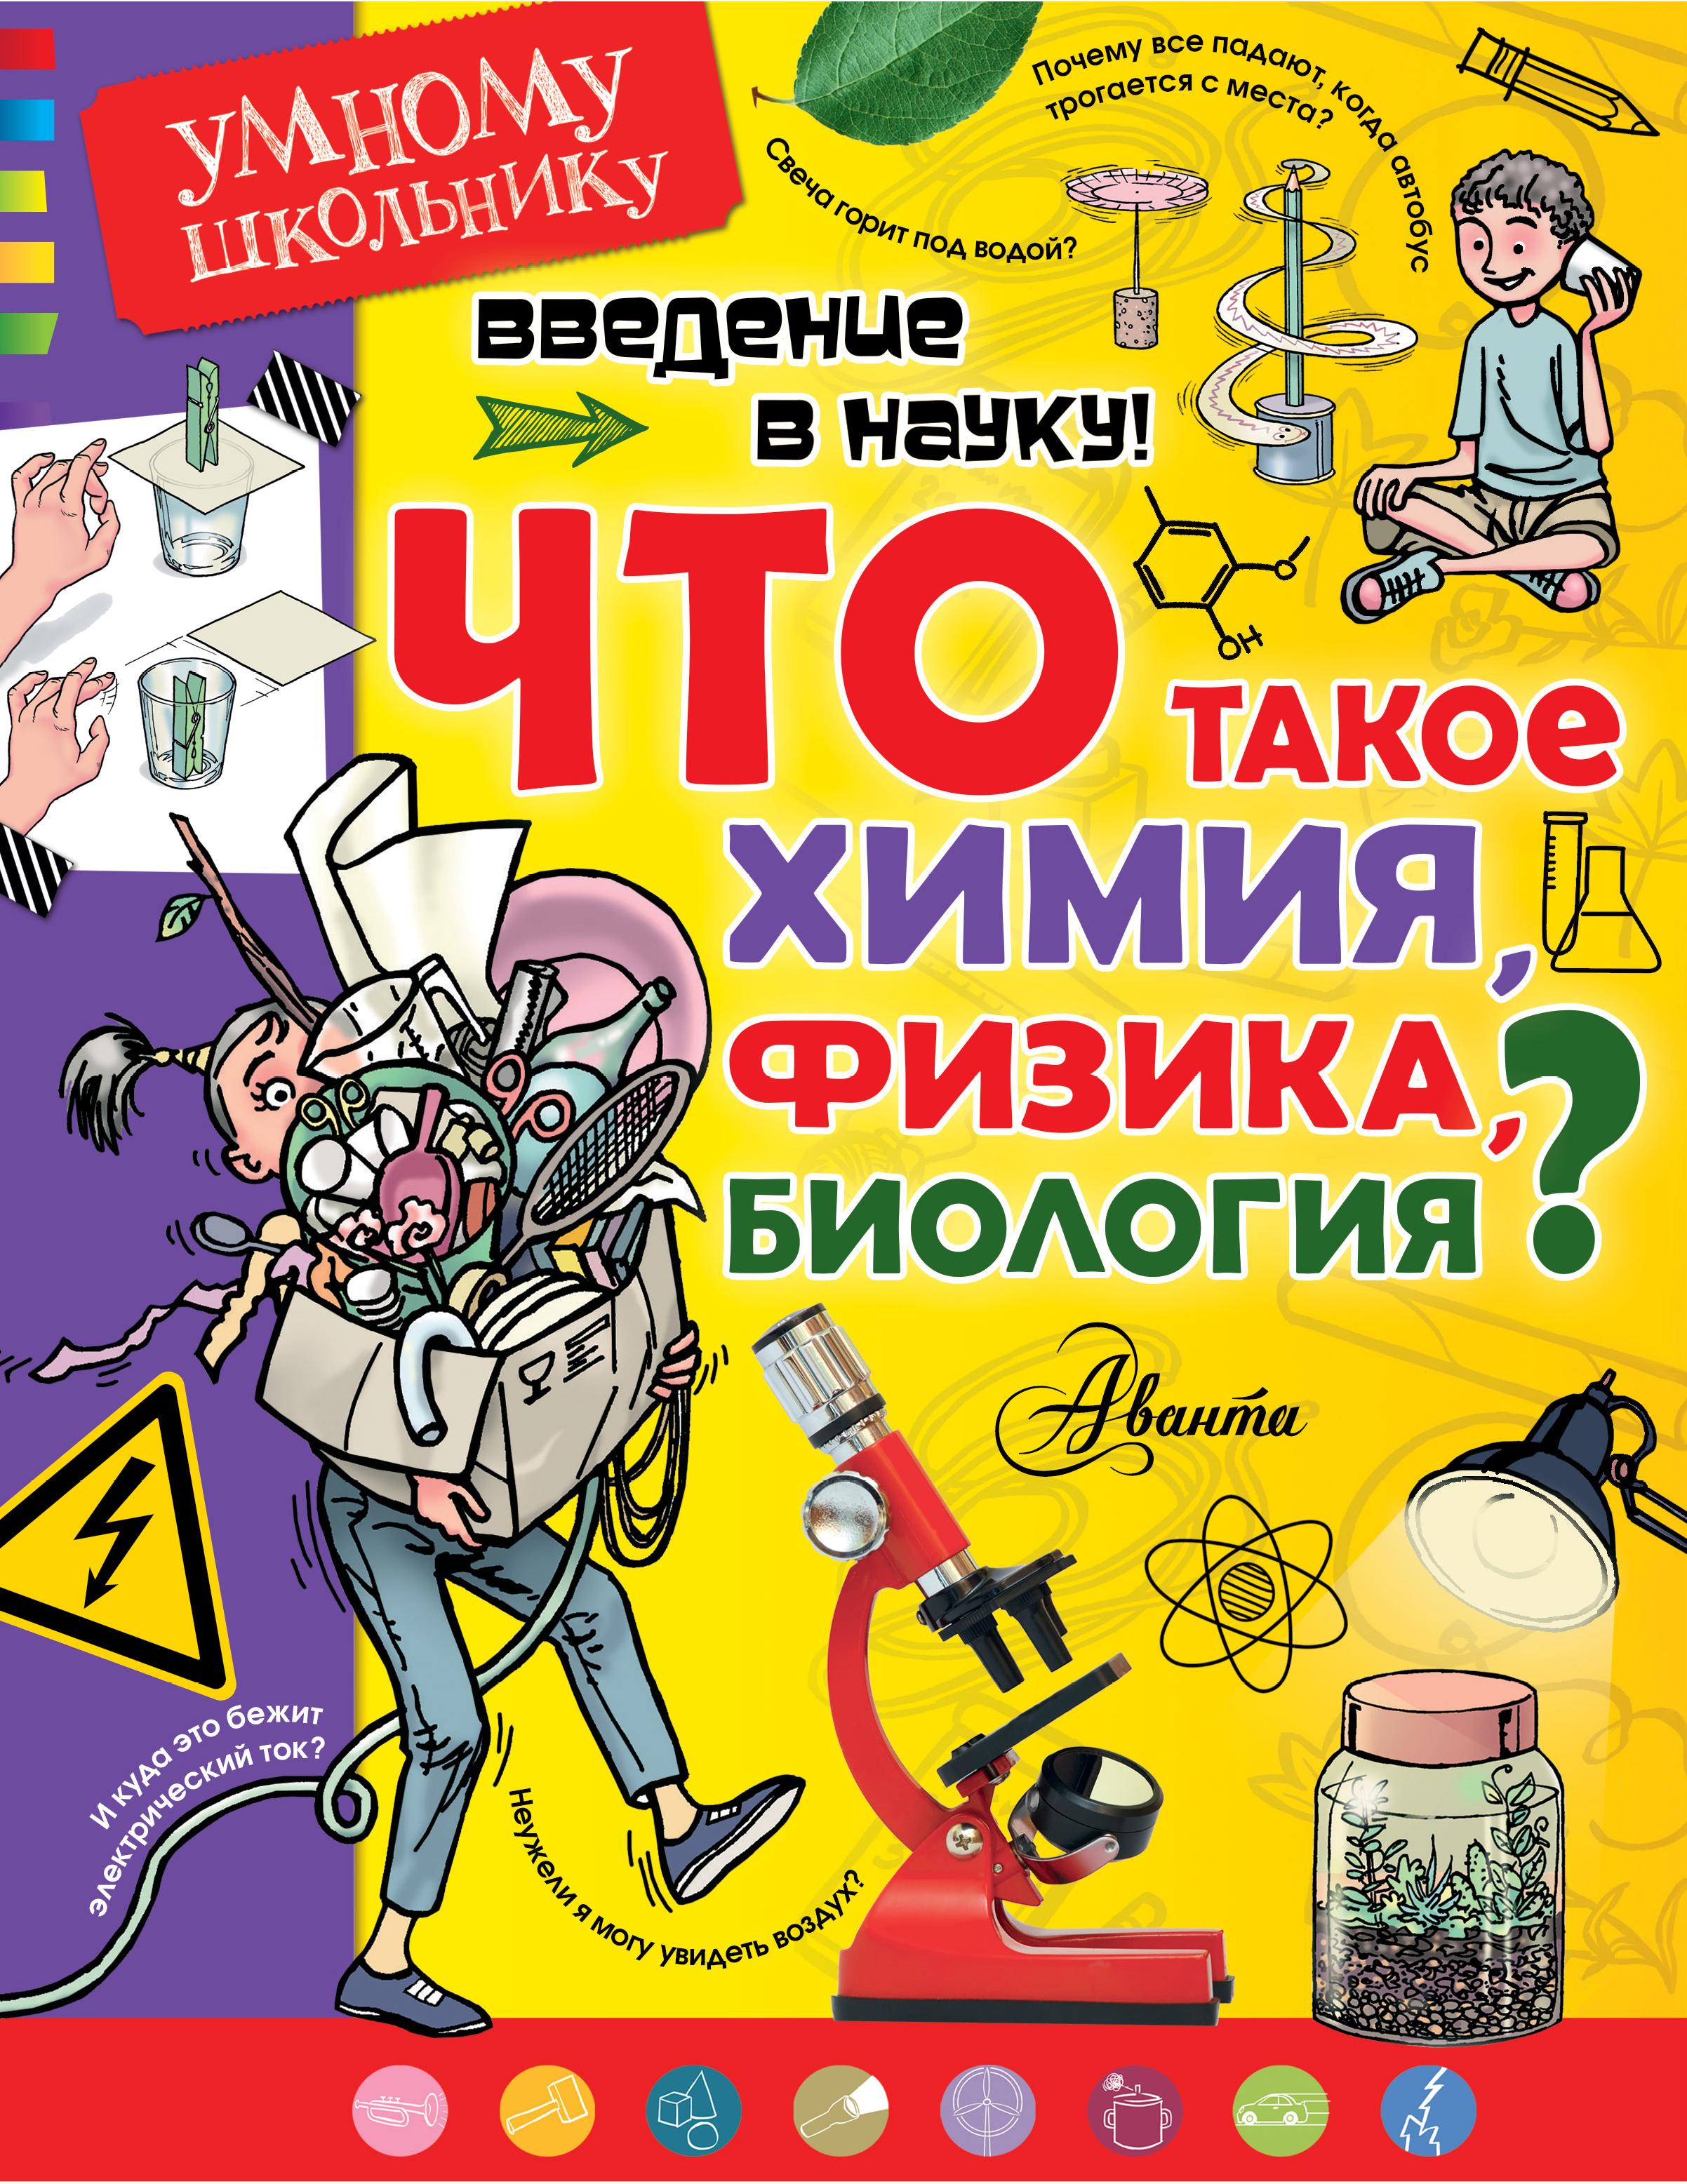 Без Автора Введение в науку! Что такое химия, физика, биология?